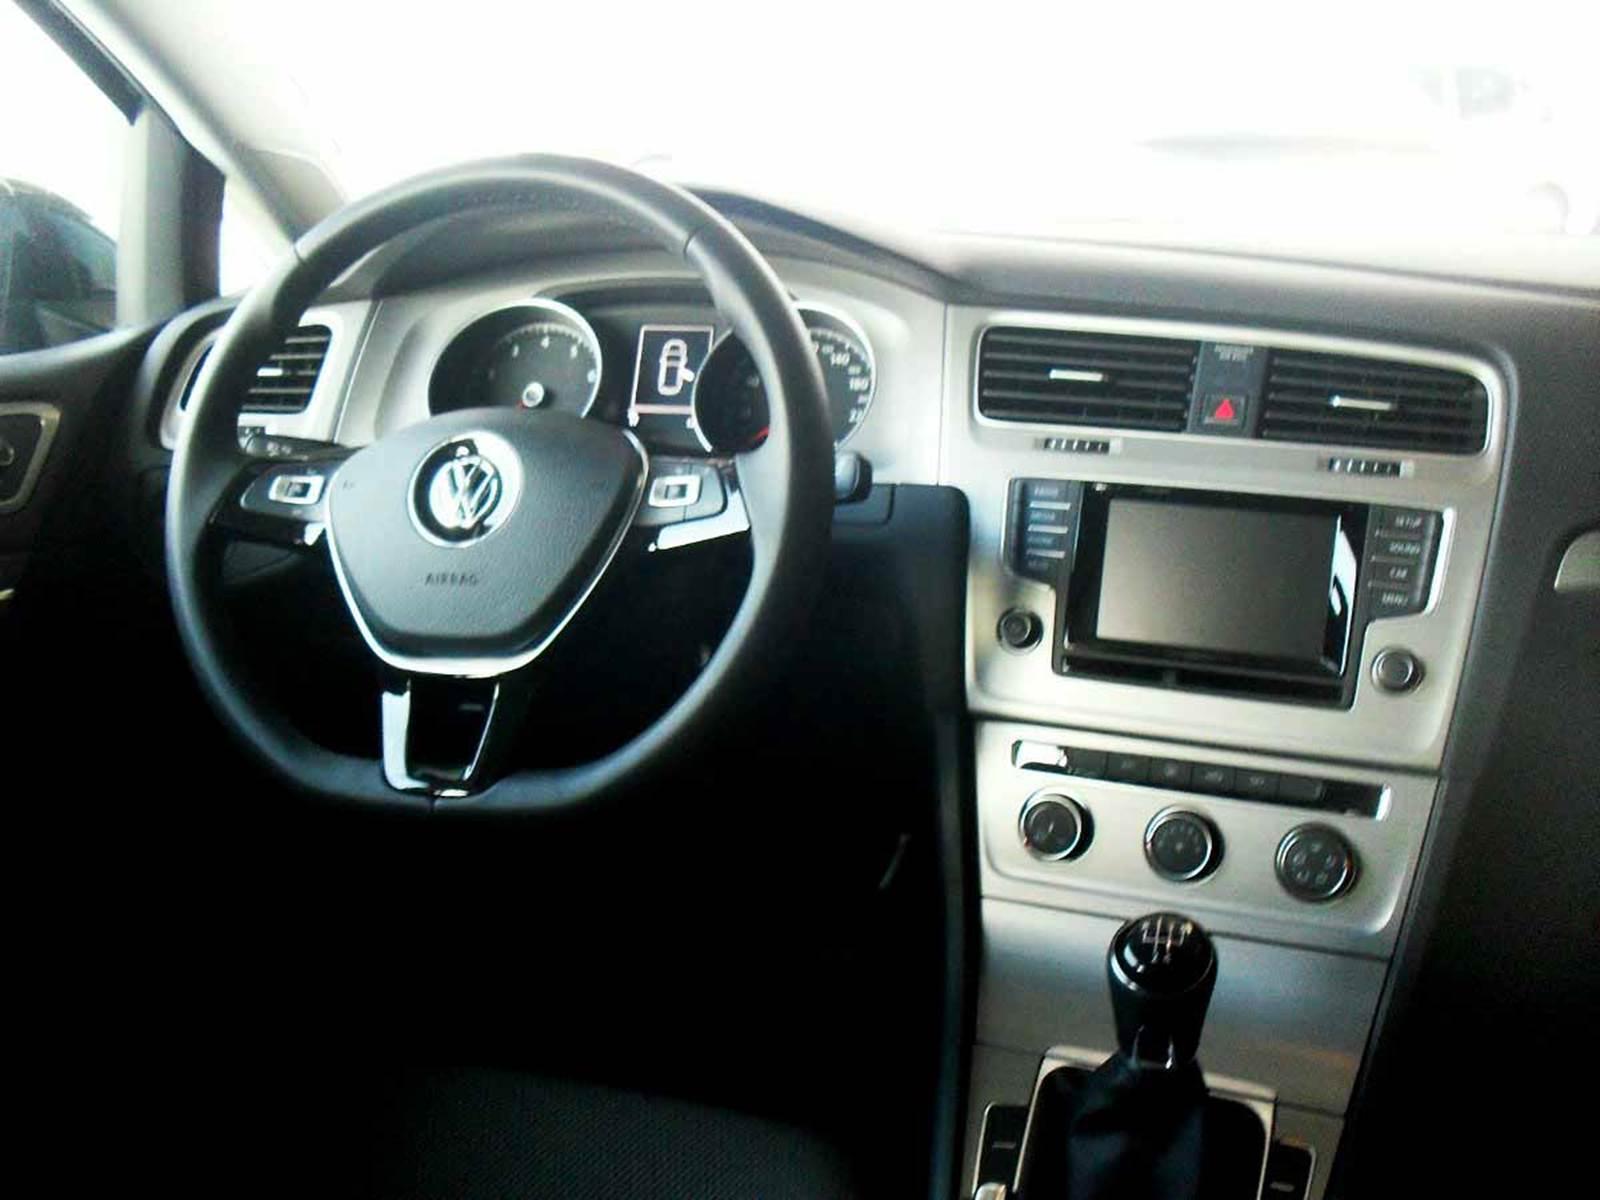 VW Golf Trendline 1.6 16V - interior